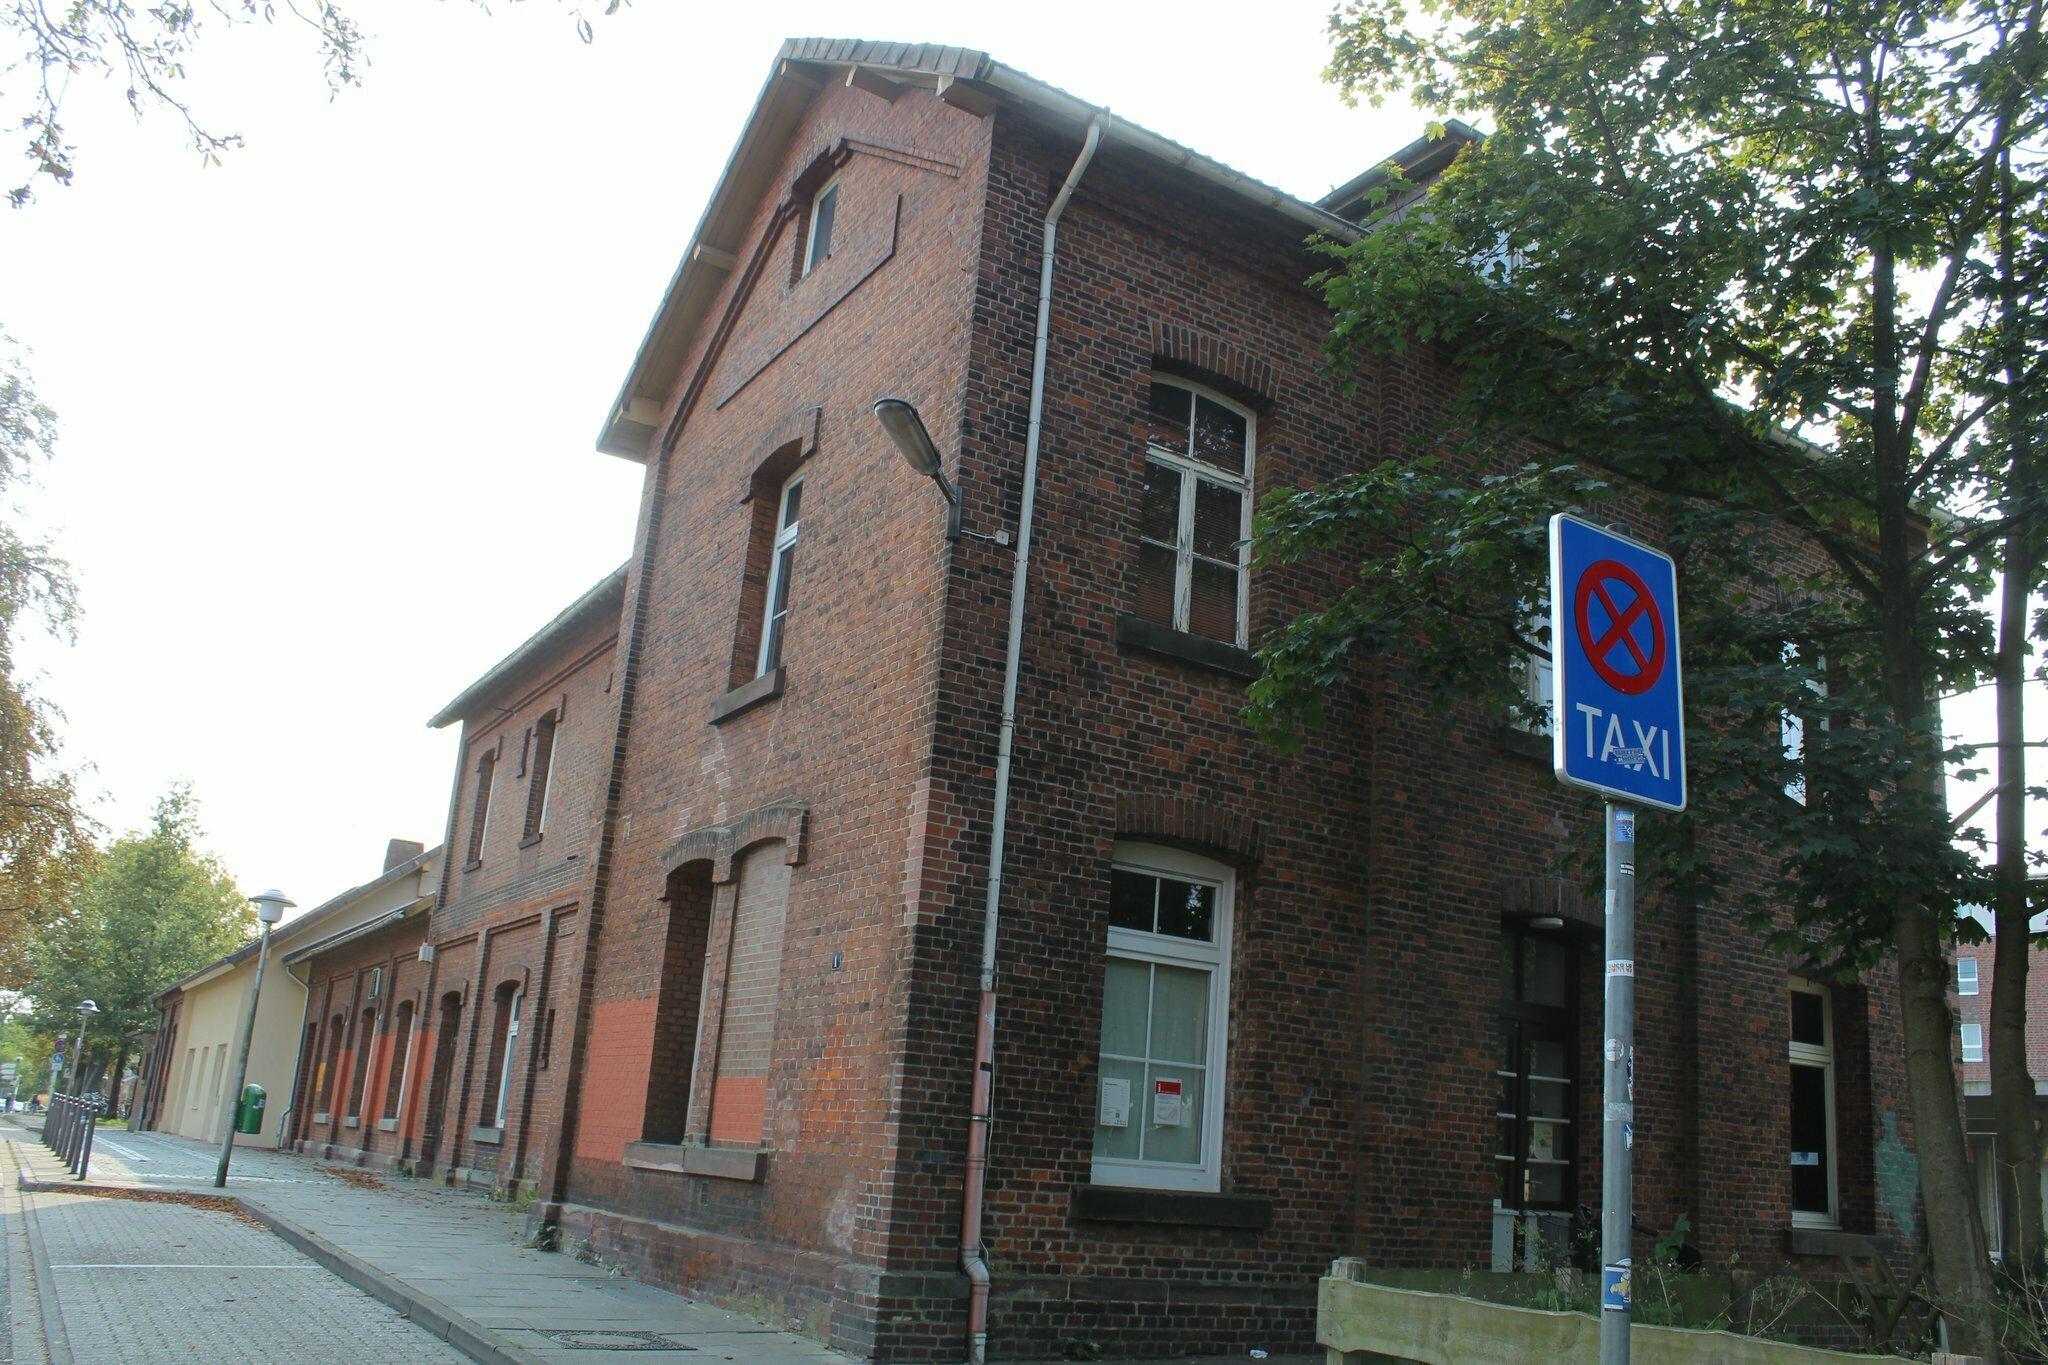 Bürgerbeteiligung hat begonnen                                                                  Mitreden über die Zukunft des Buxtehuder Bahnhofs